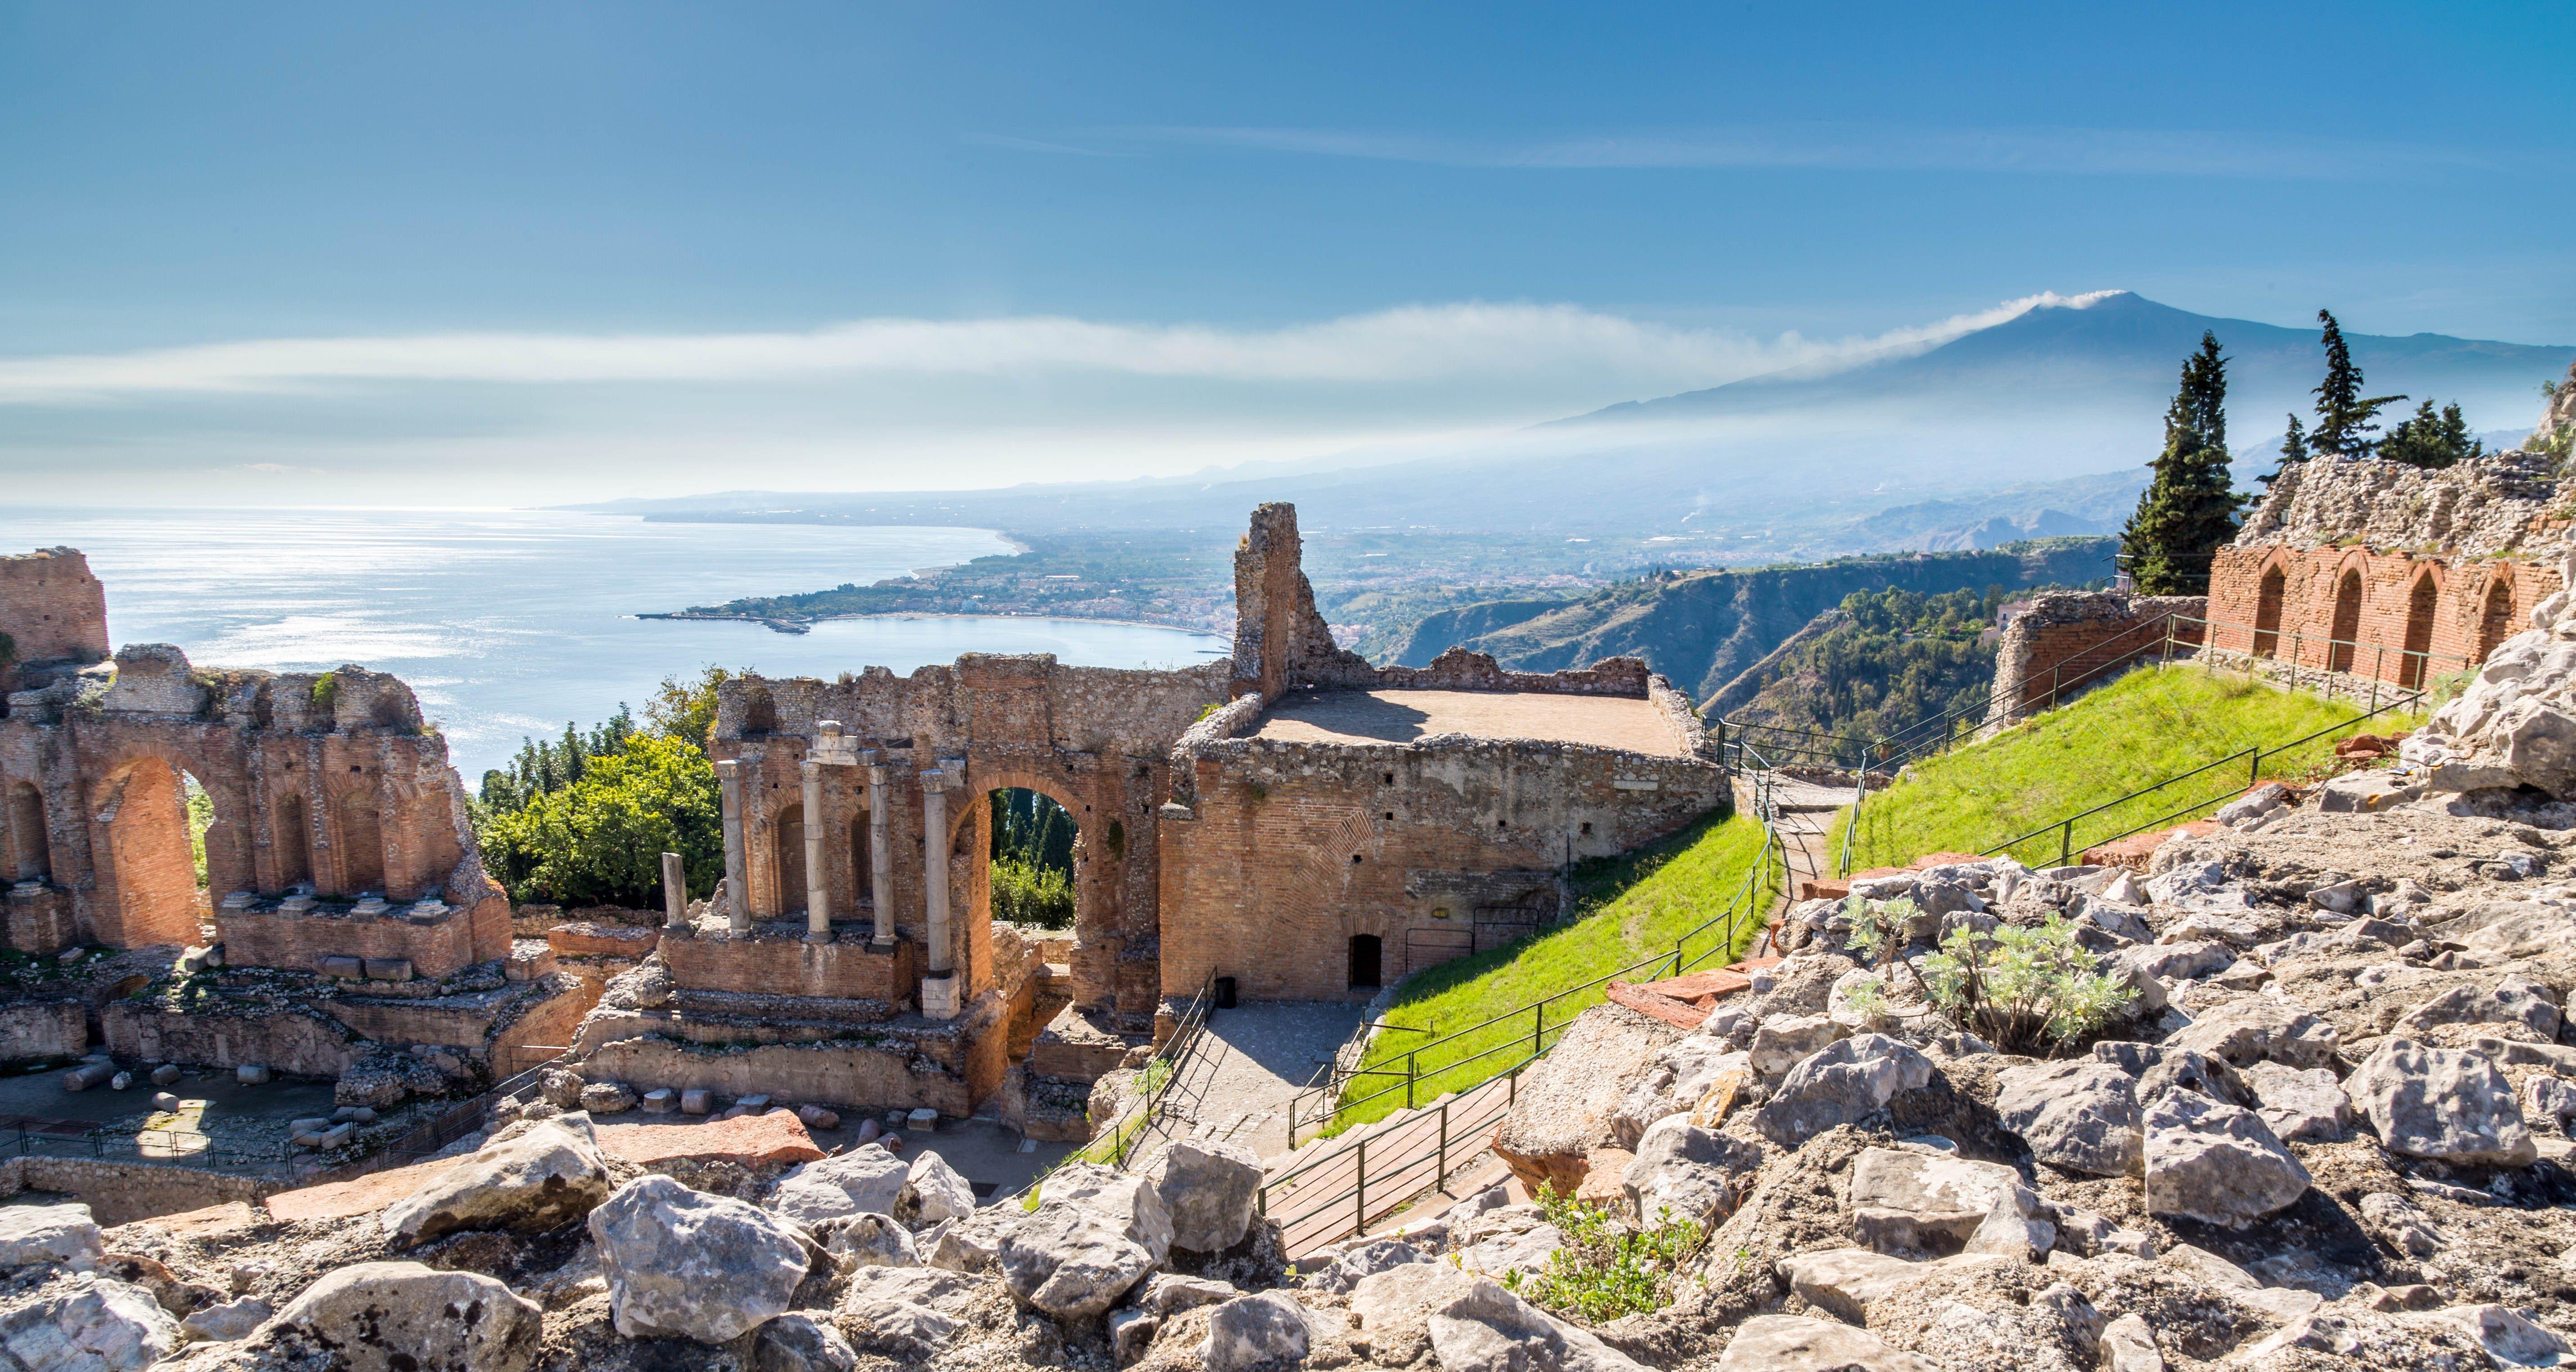 location image Villas in Sicily